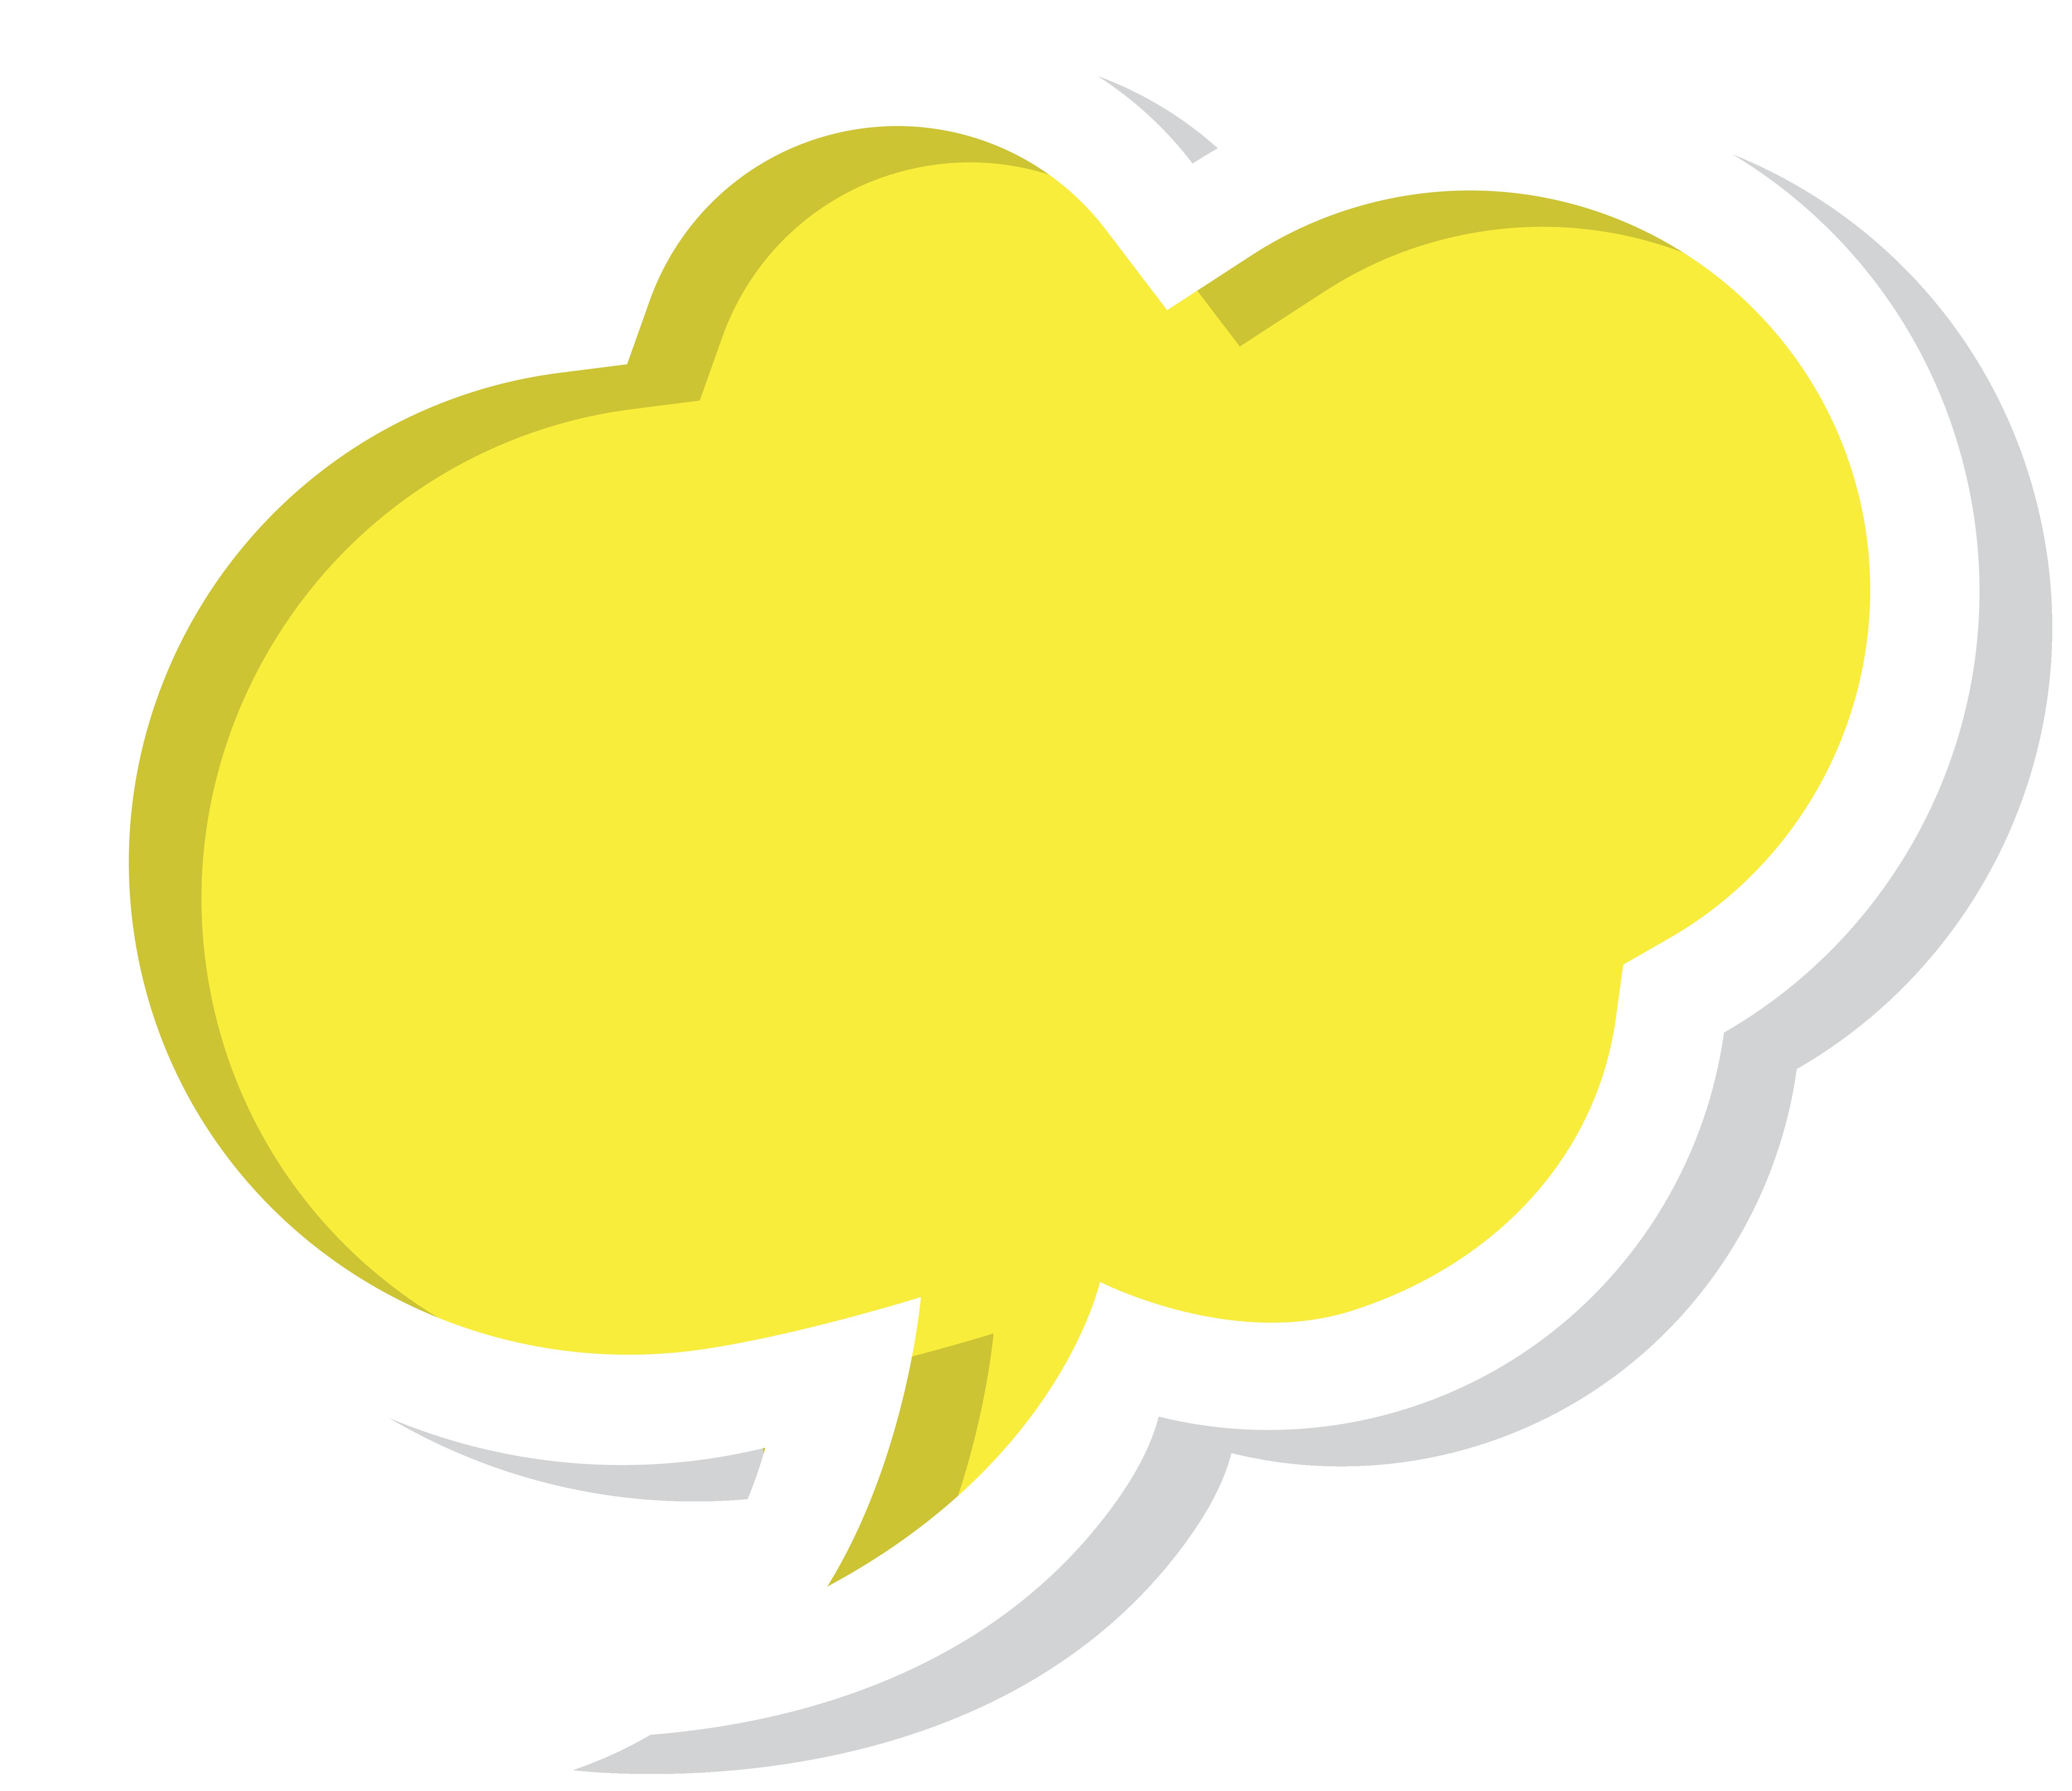 Speech balloon clip art. Computer clipart yellow